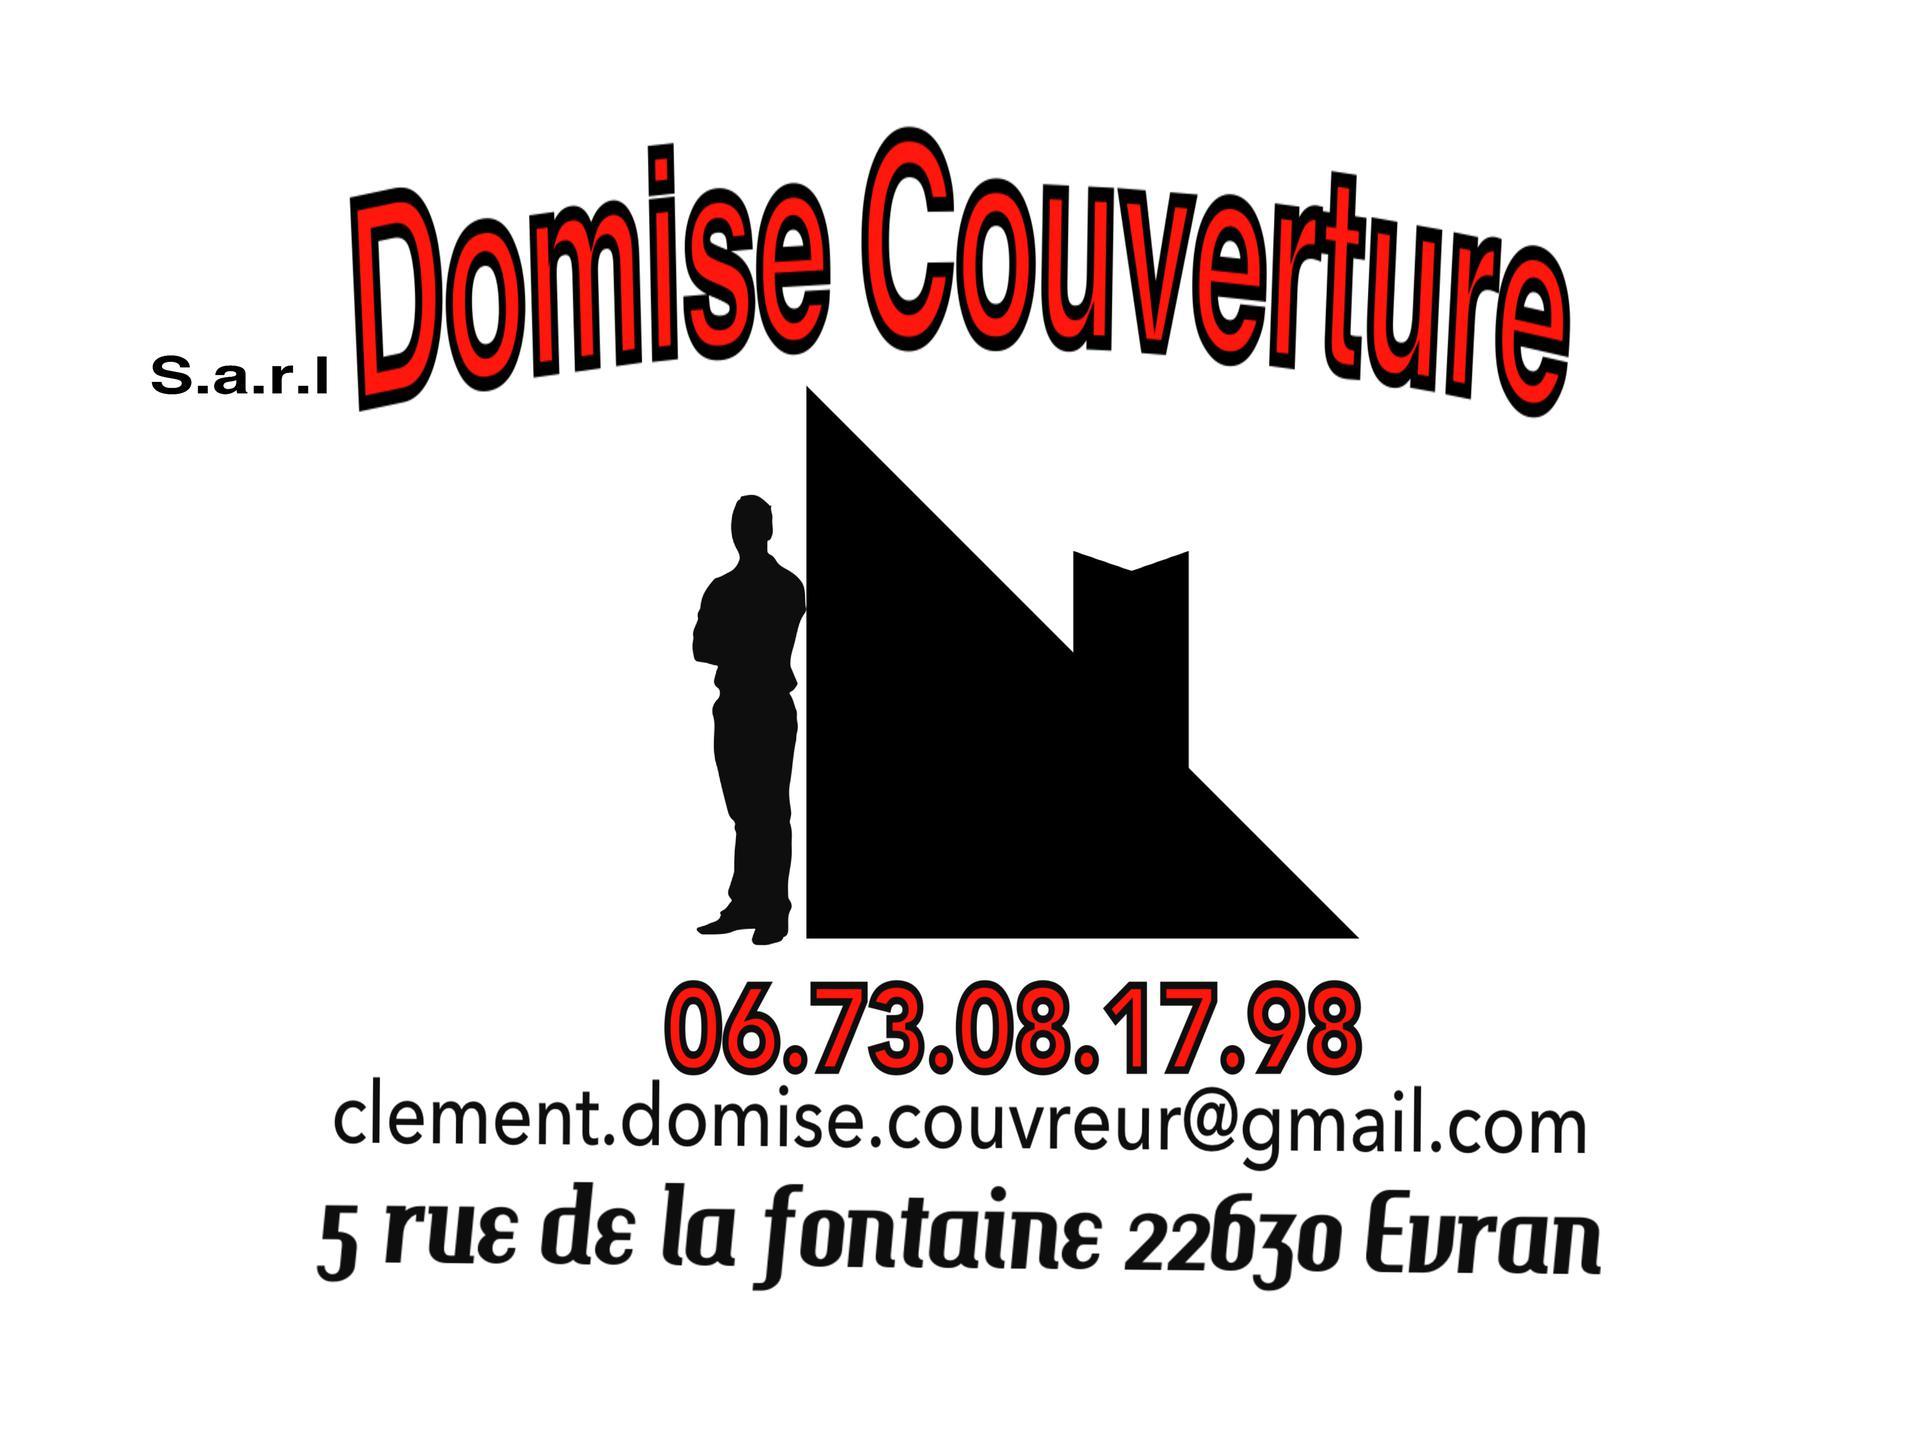 Domise Couverture Sarl couverture, plomberie et zinguerie (couvreur, plombier, zingueur)